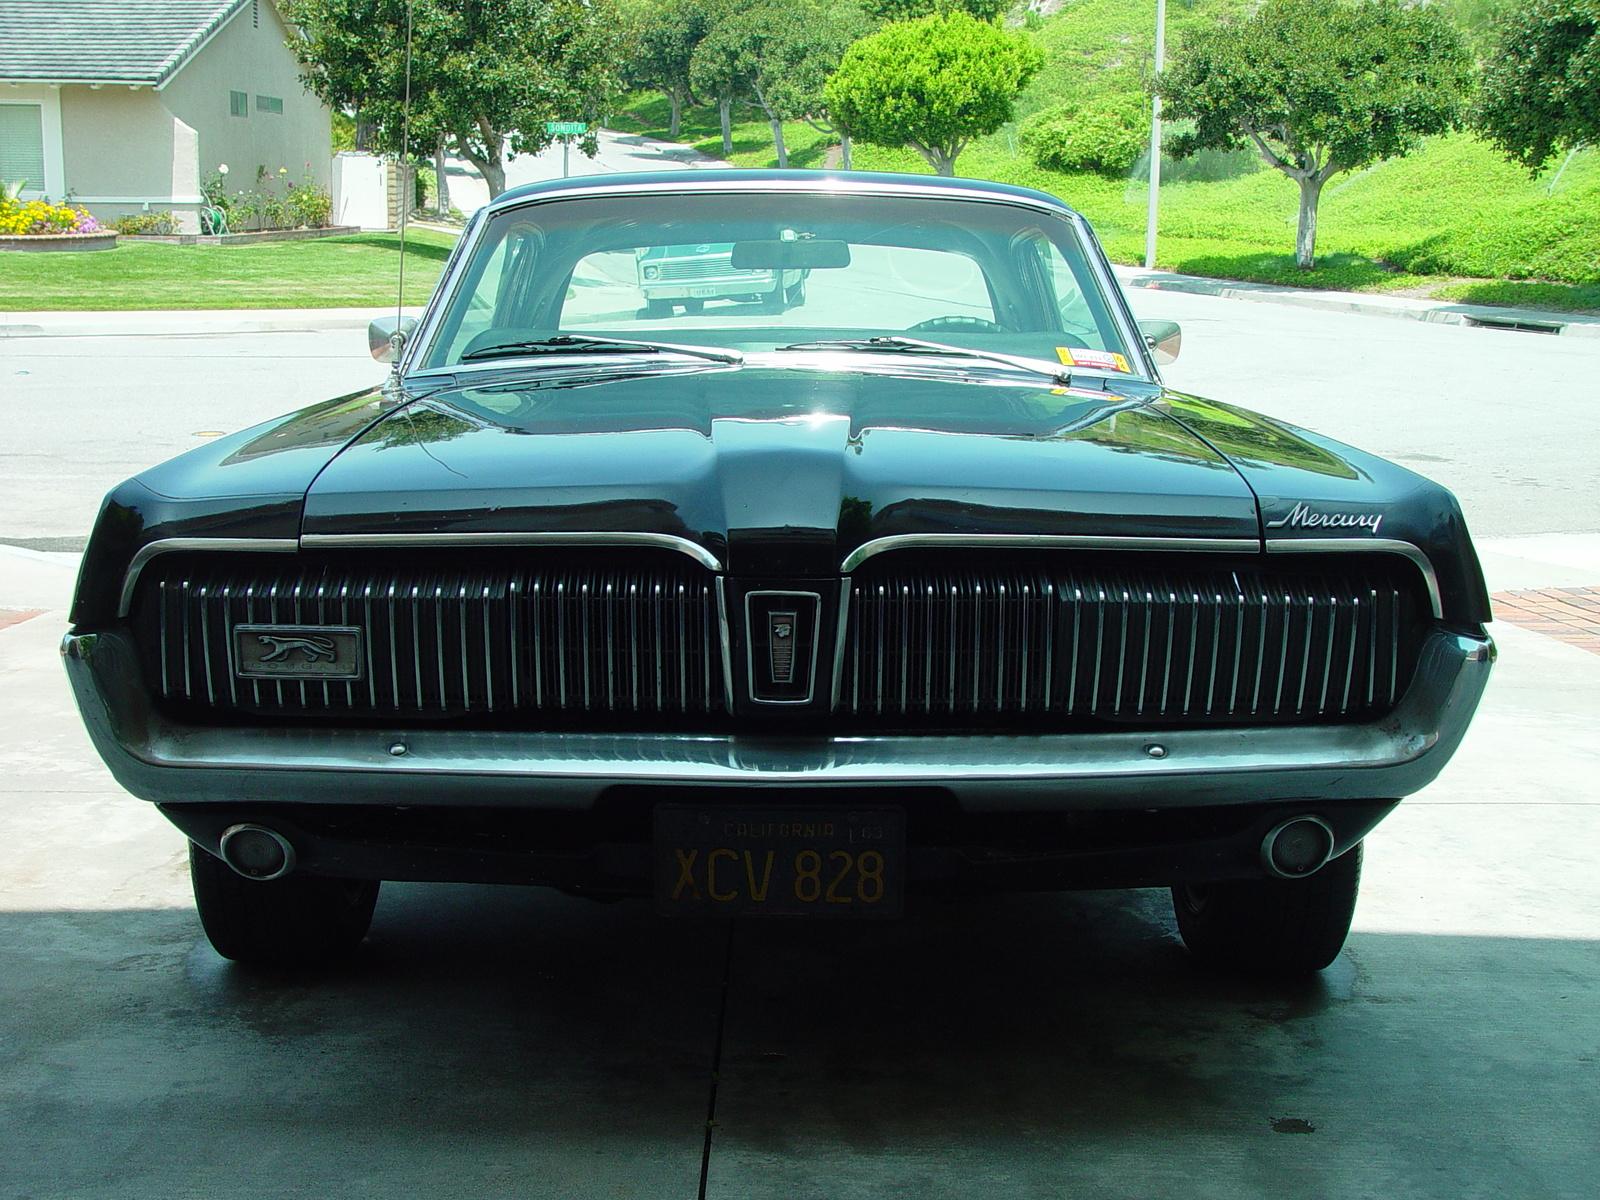 1968 Mercury Cougar Pictures C8675_pi13285035on 2002 Mercury Sable